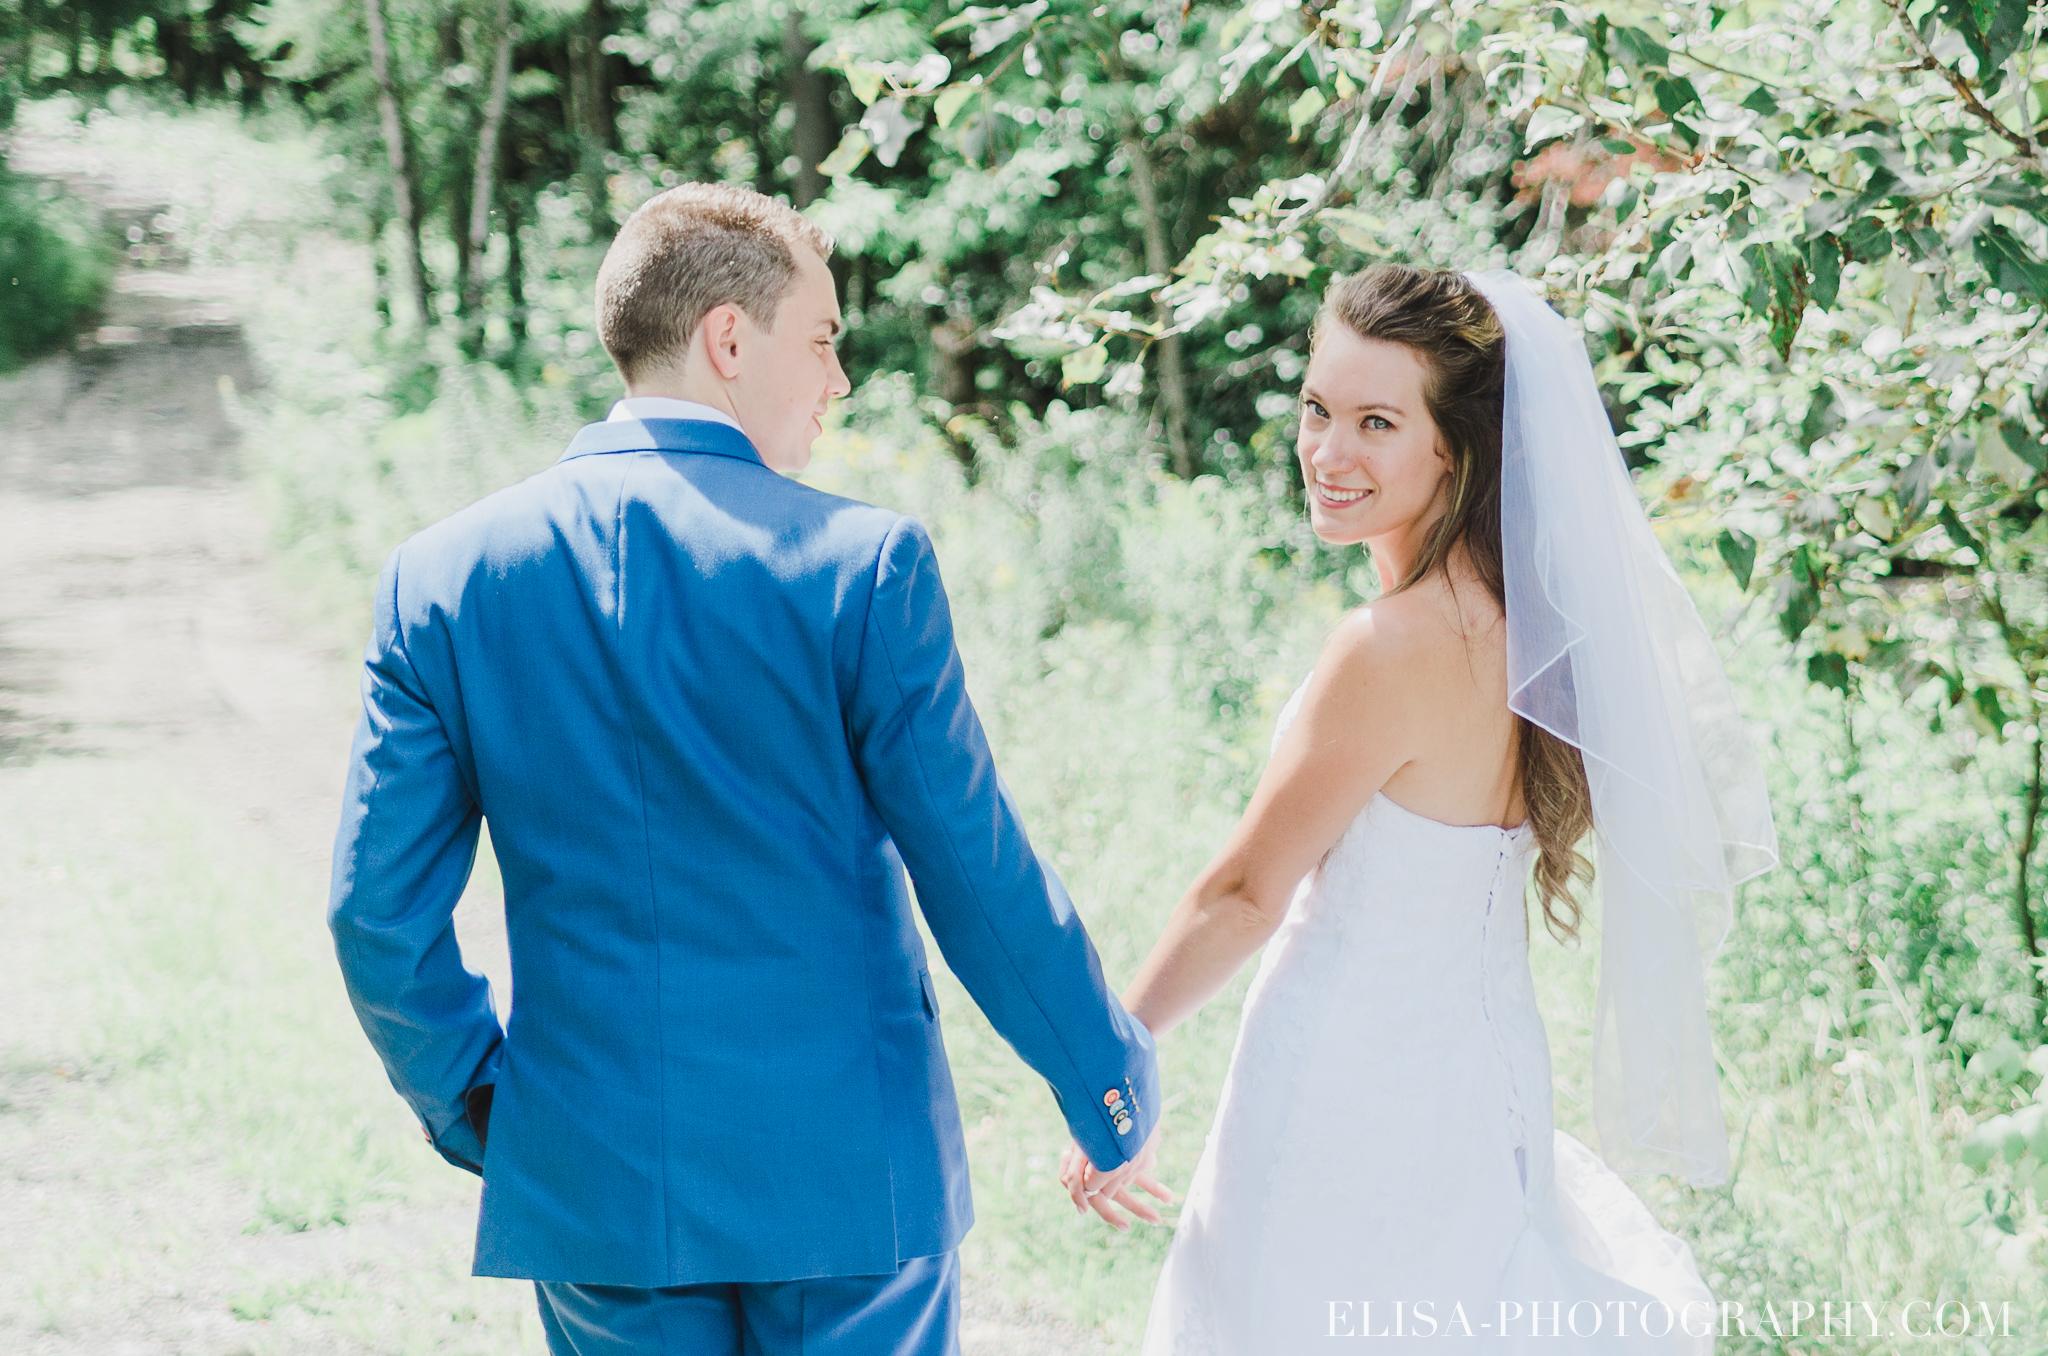 photo mariage grange rouge quebec conifere sapin couple foret multicolor 0219 - Mariage coloré à la grange rouge de Brompton